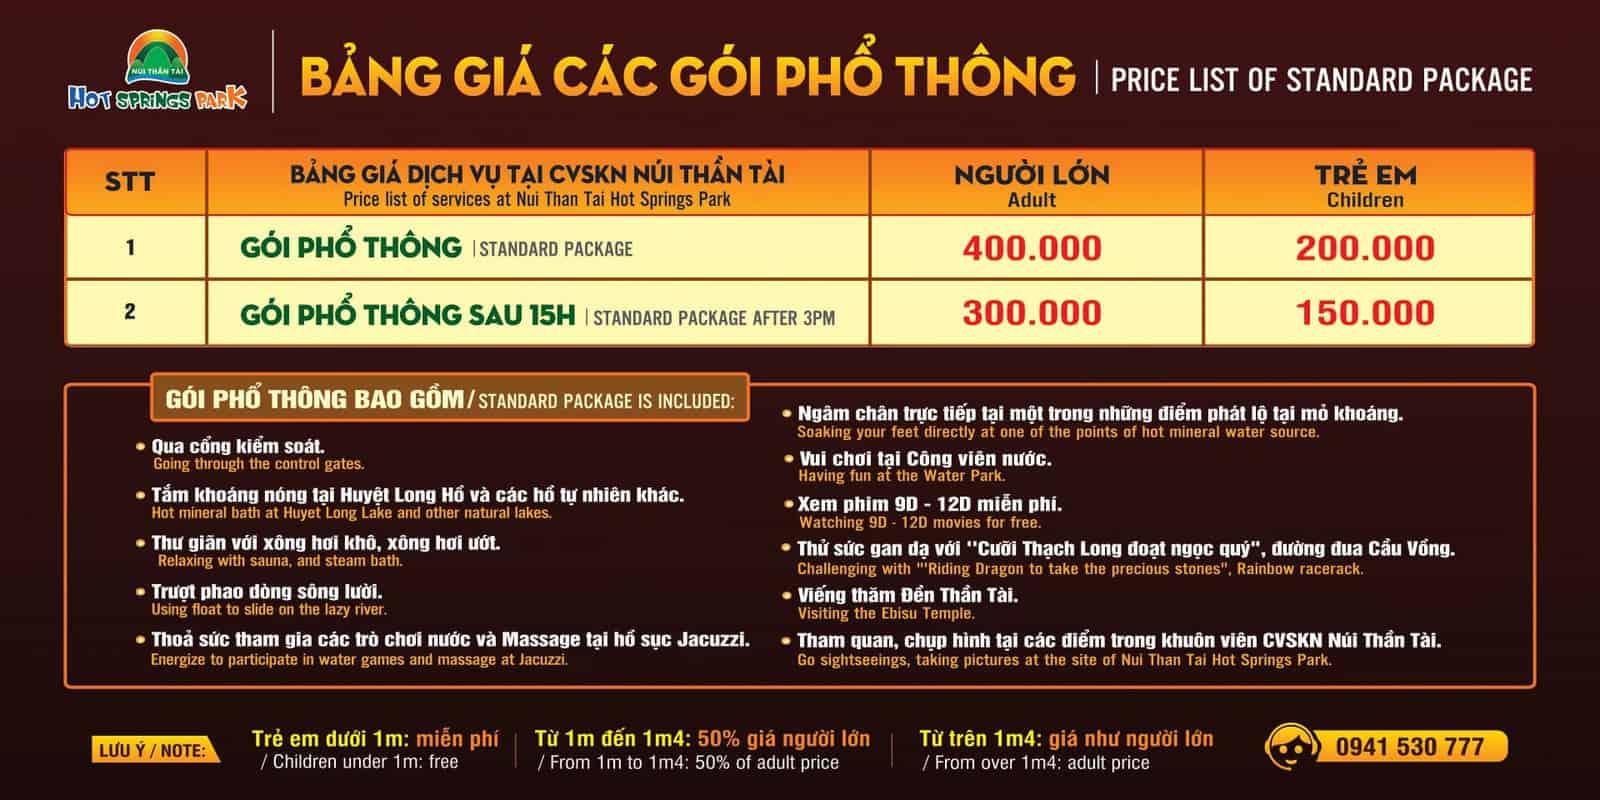 Giá vé du lịch núi Thần Tài ở Đà Nẵng là bao nhiêu?